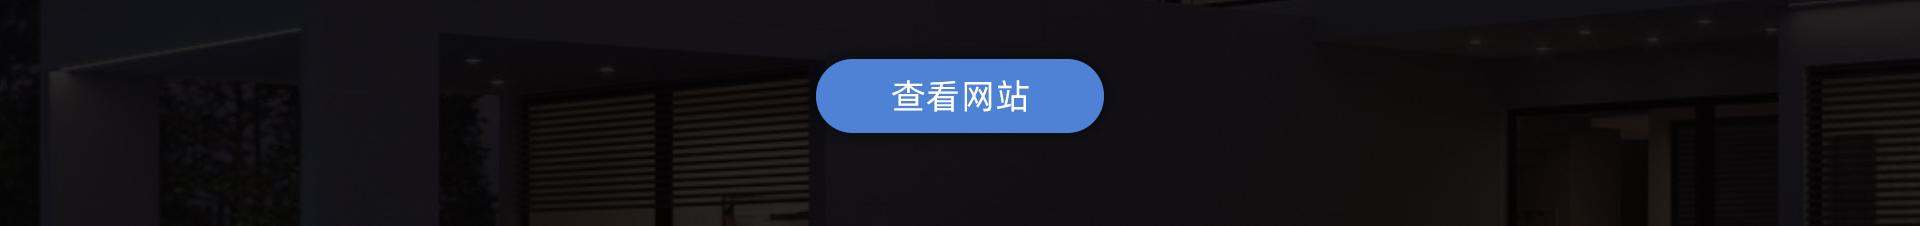 赛娜组-高丽苹_02